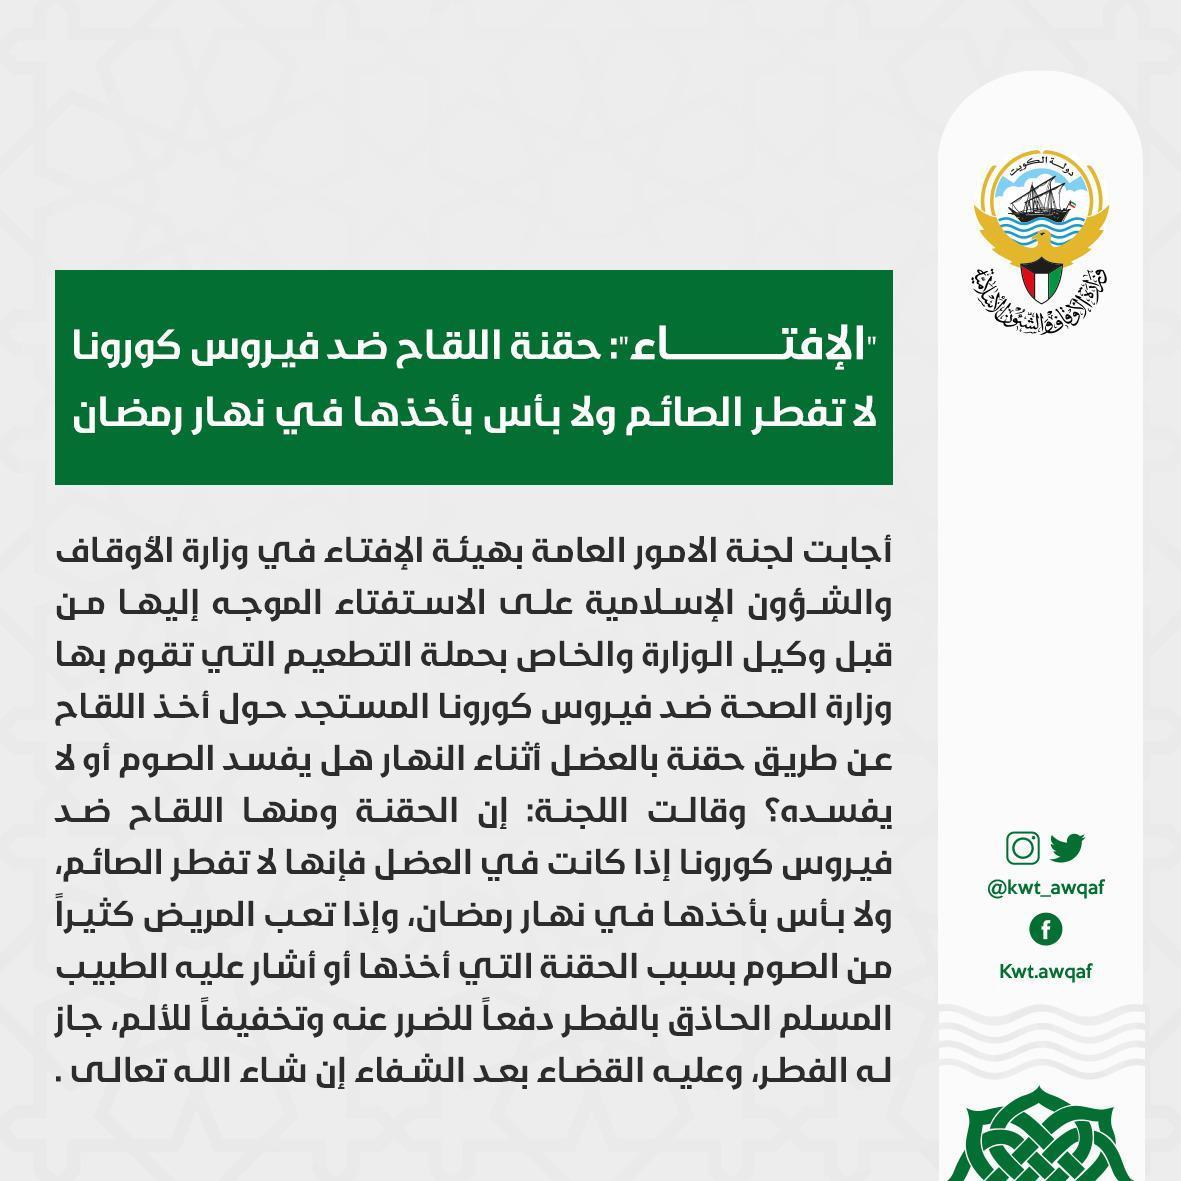 هيئة الإفتاء ردا على الصحة حقنة اللقاح في العضل لا تفسد الصوم هاشتاقات صحيفة إلكترونية شاملة مستقلة